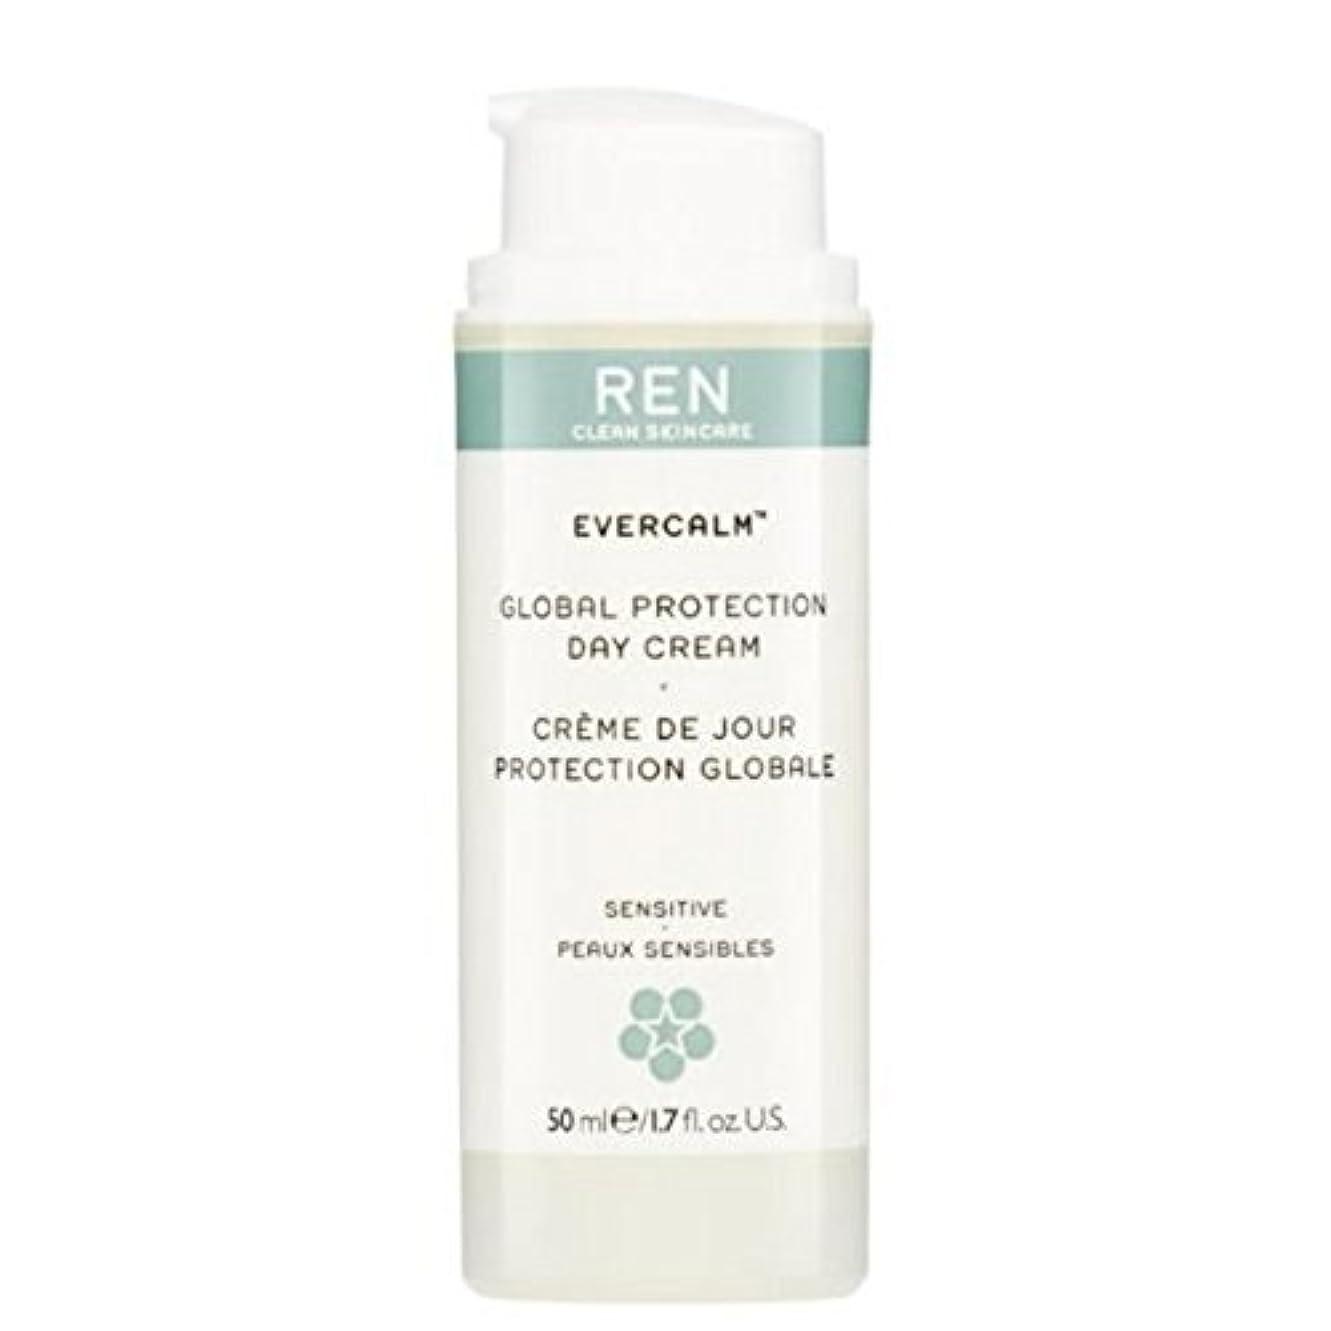 背骨十一責REN Evercalm Global Protection Day Cream - グローバルプロテクションデイクリーム [並行輸入品]